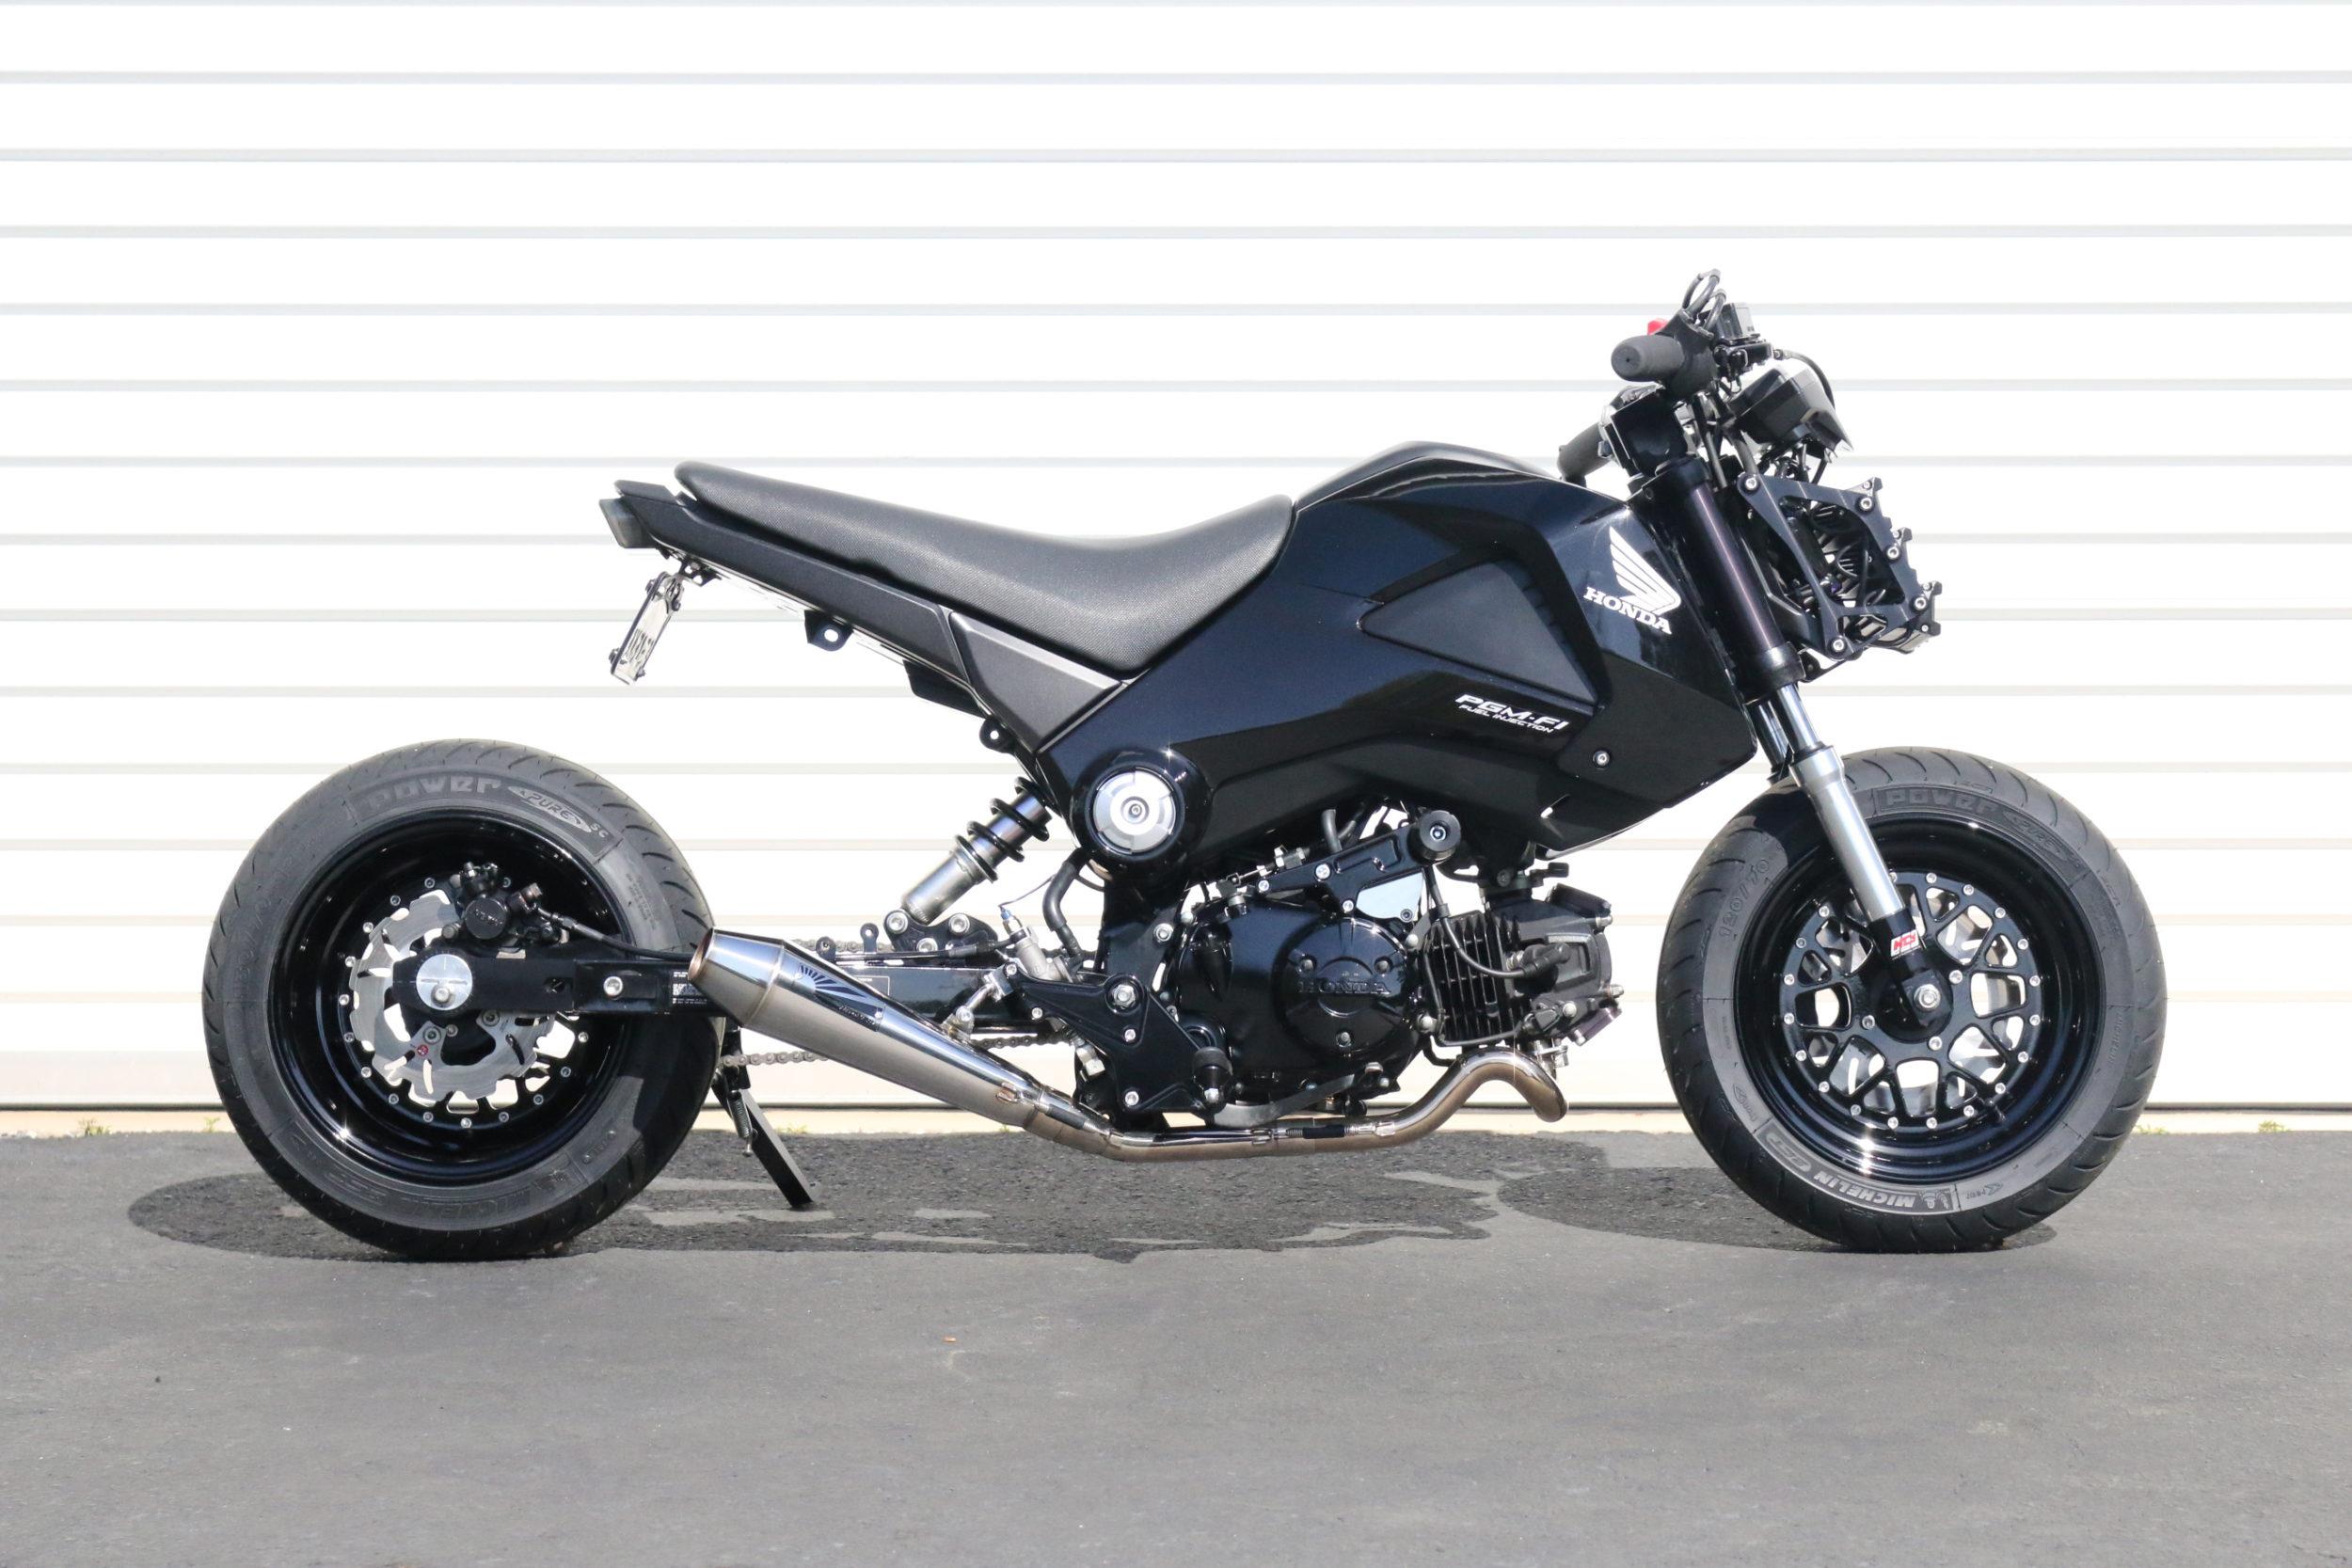 Honda Factory Rims >> TRS RaceSets Rear Sets for Honda Grom MSX 125 Rearset ...